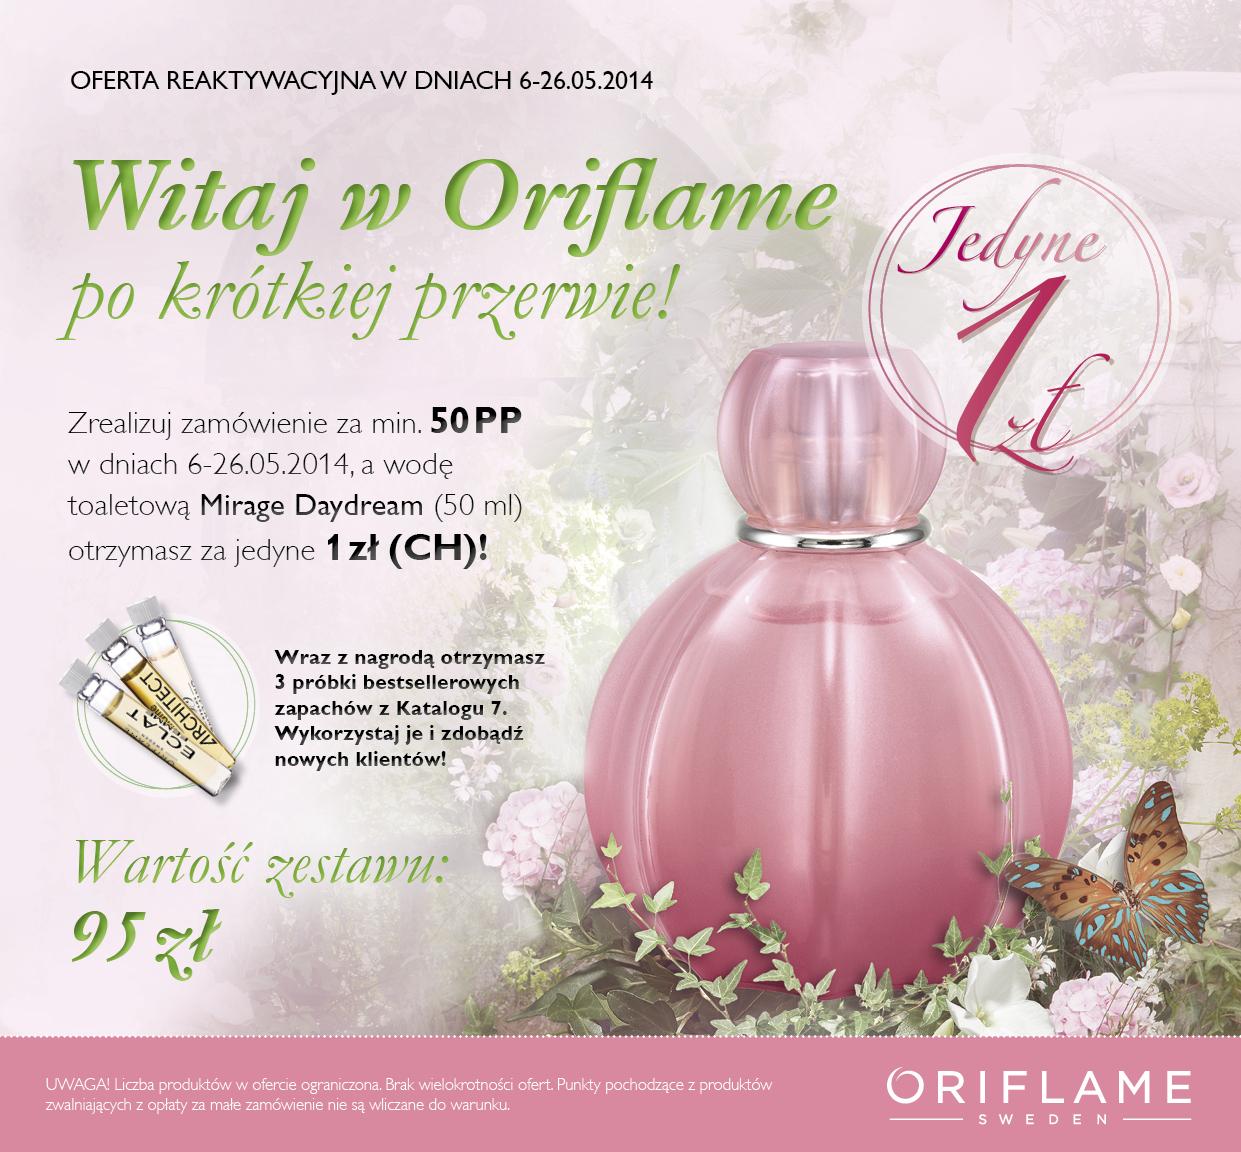 Katalog Oriflame 7 2014 Reaktywacja